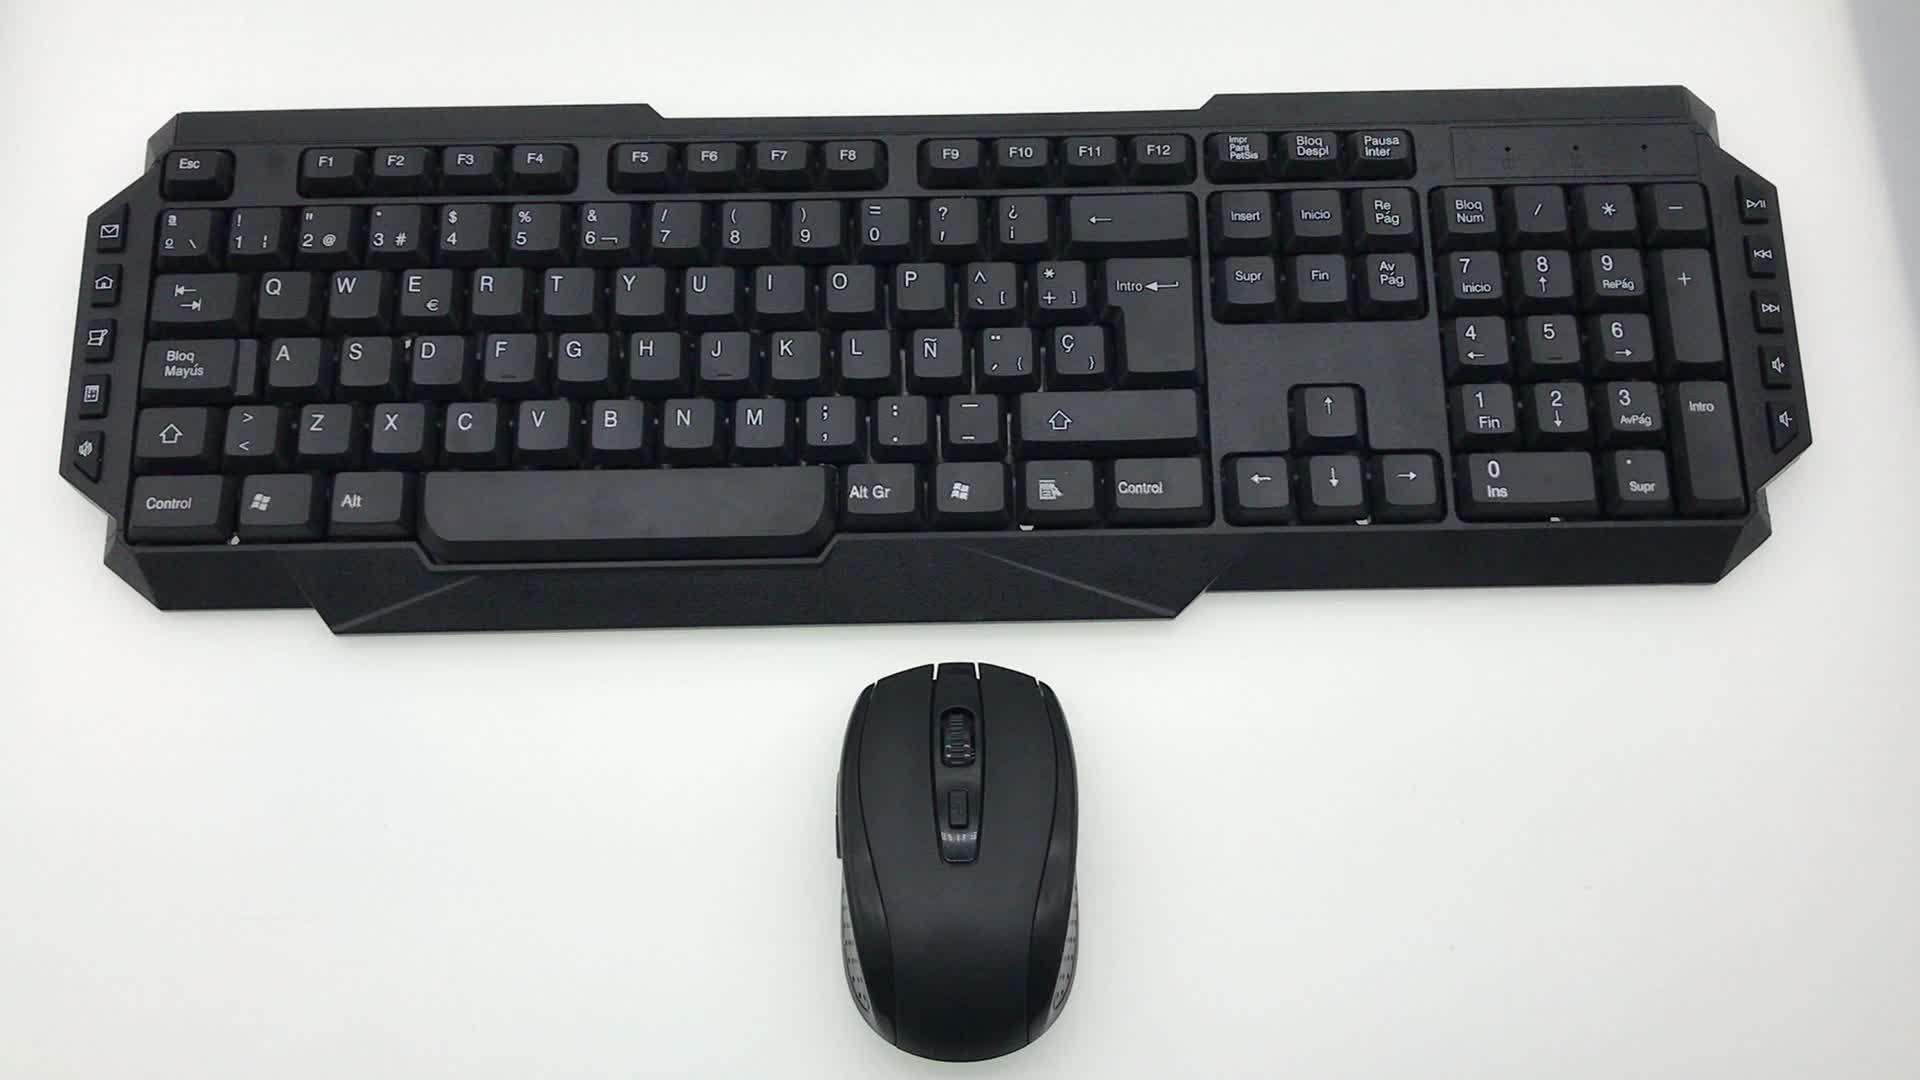 Teclado y ratón combo del uso portátil de juegos jugador Oficina OEM logotipo personalizado cable USB escritorio de la computadora teclado inalámbrico ratón combo